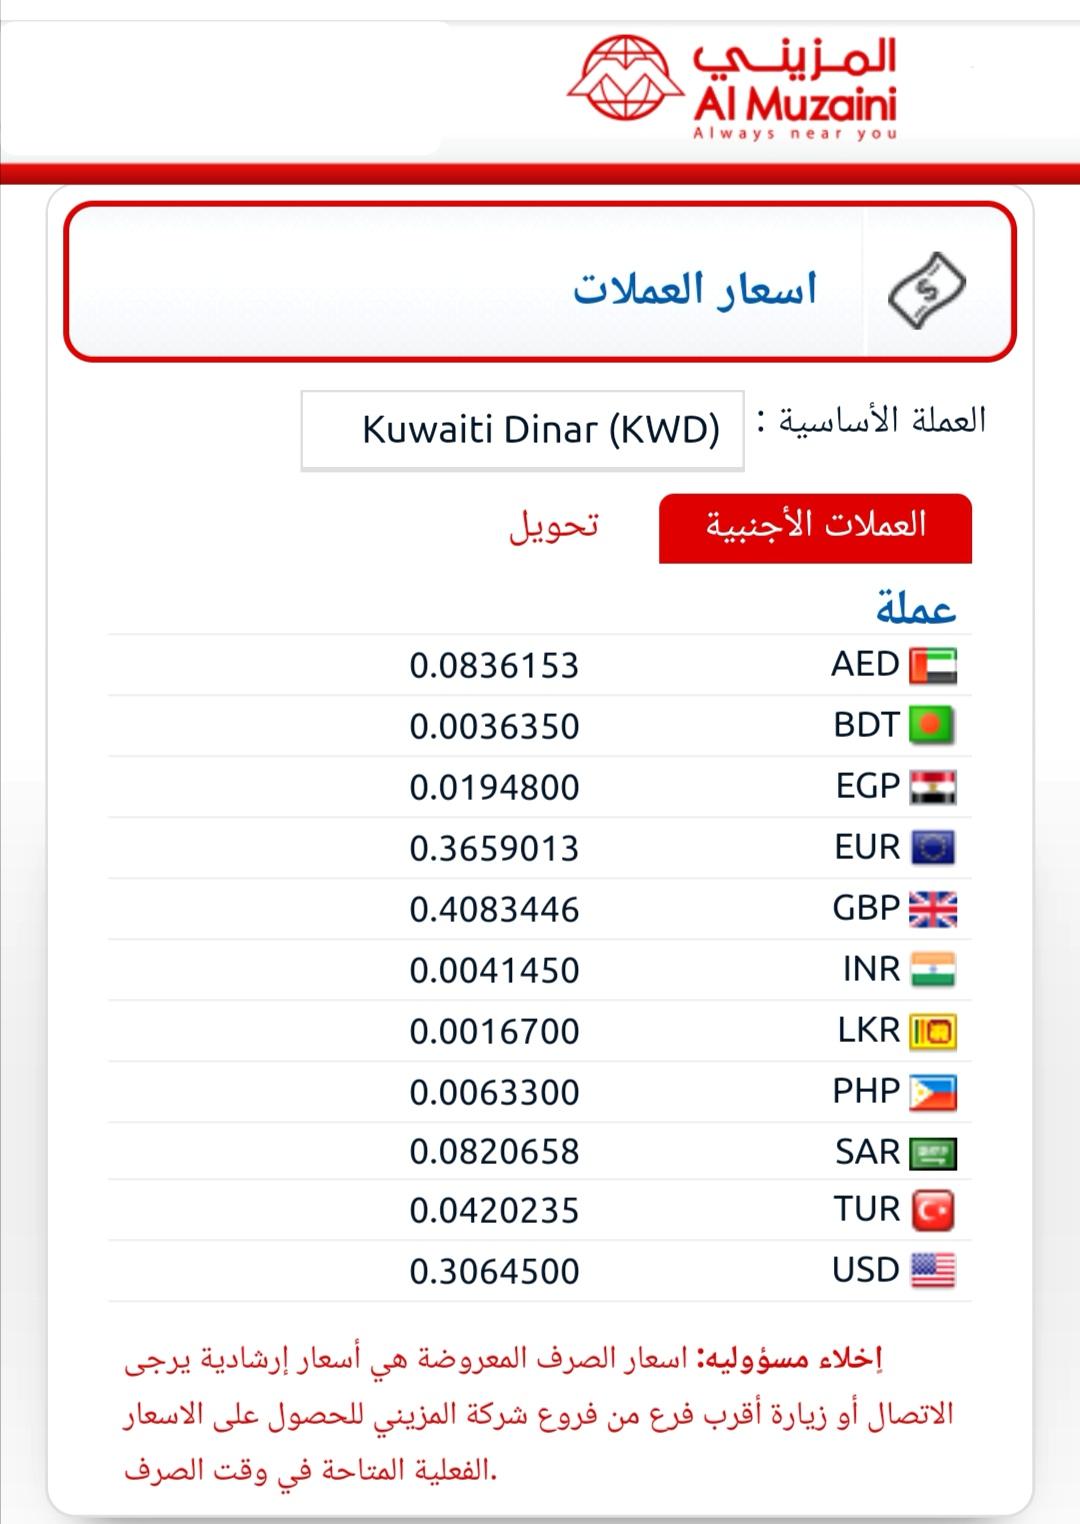 سعر التحويل اليوم تحويل المزيني اسعار العملات تحويل الالف جنية مصري ٢٧ أغسطس